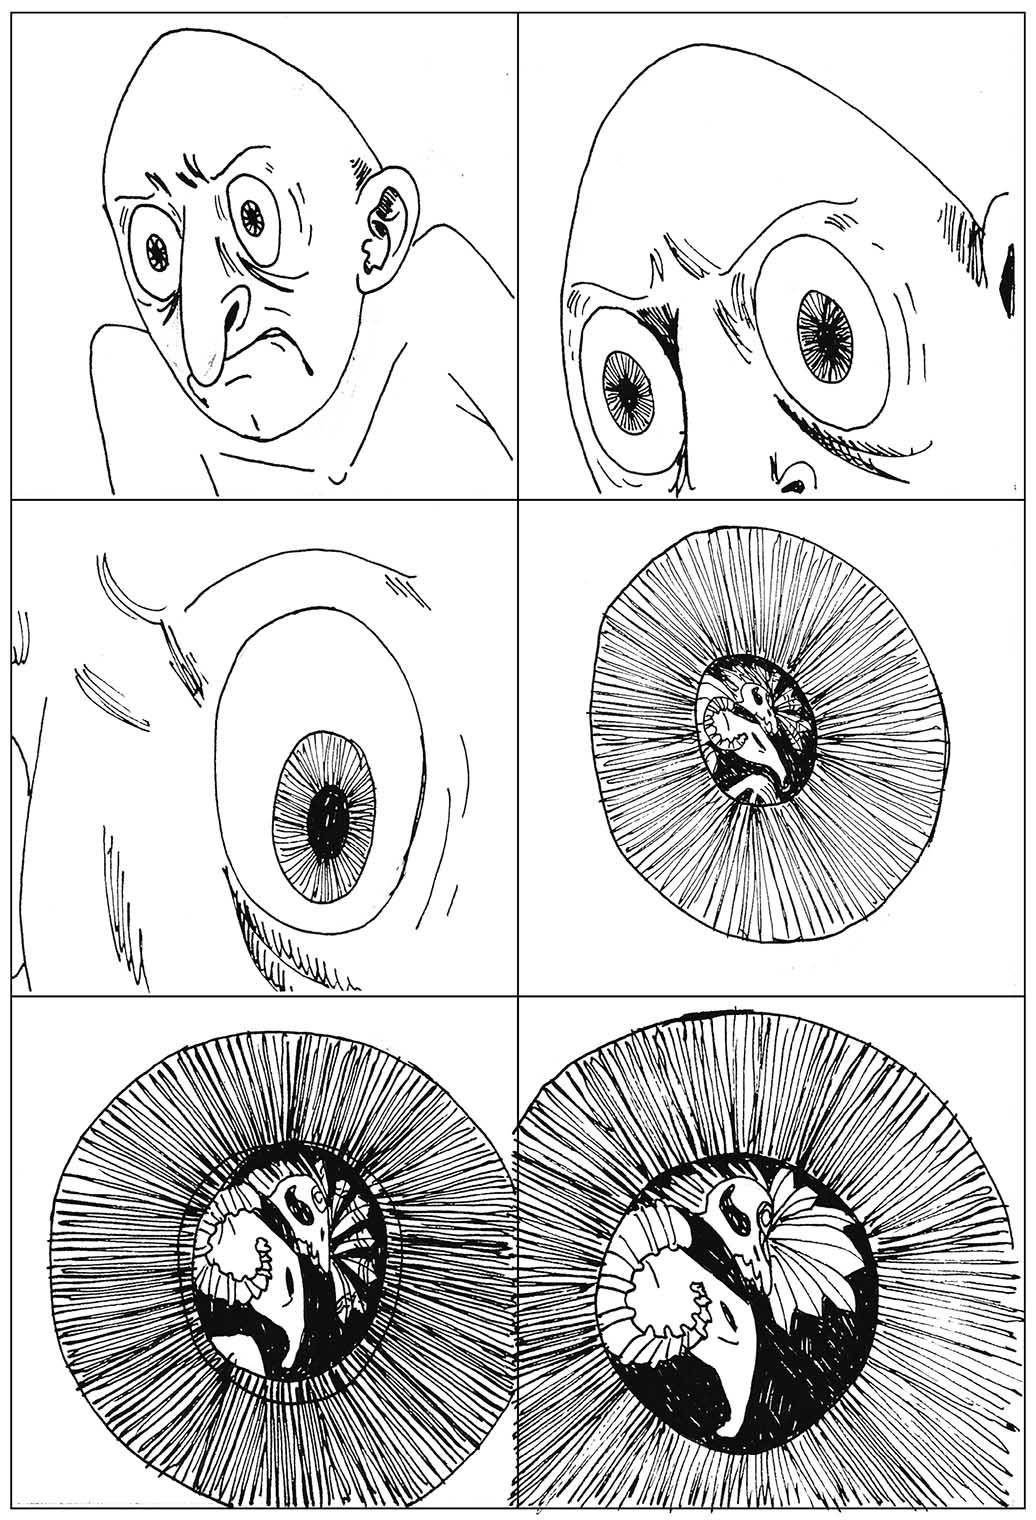 paralysie du sommeil-2.jpg